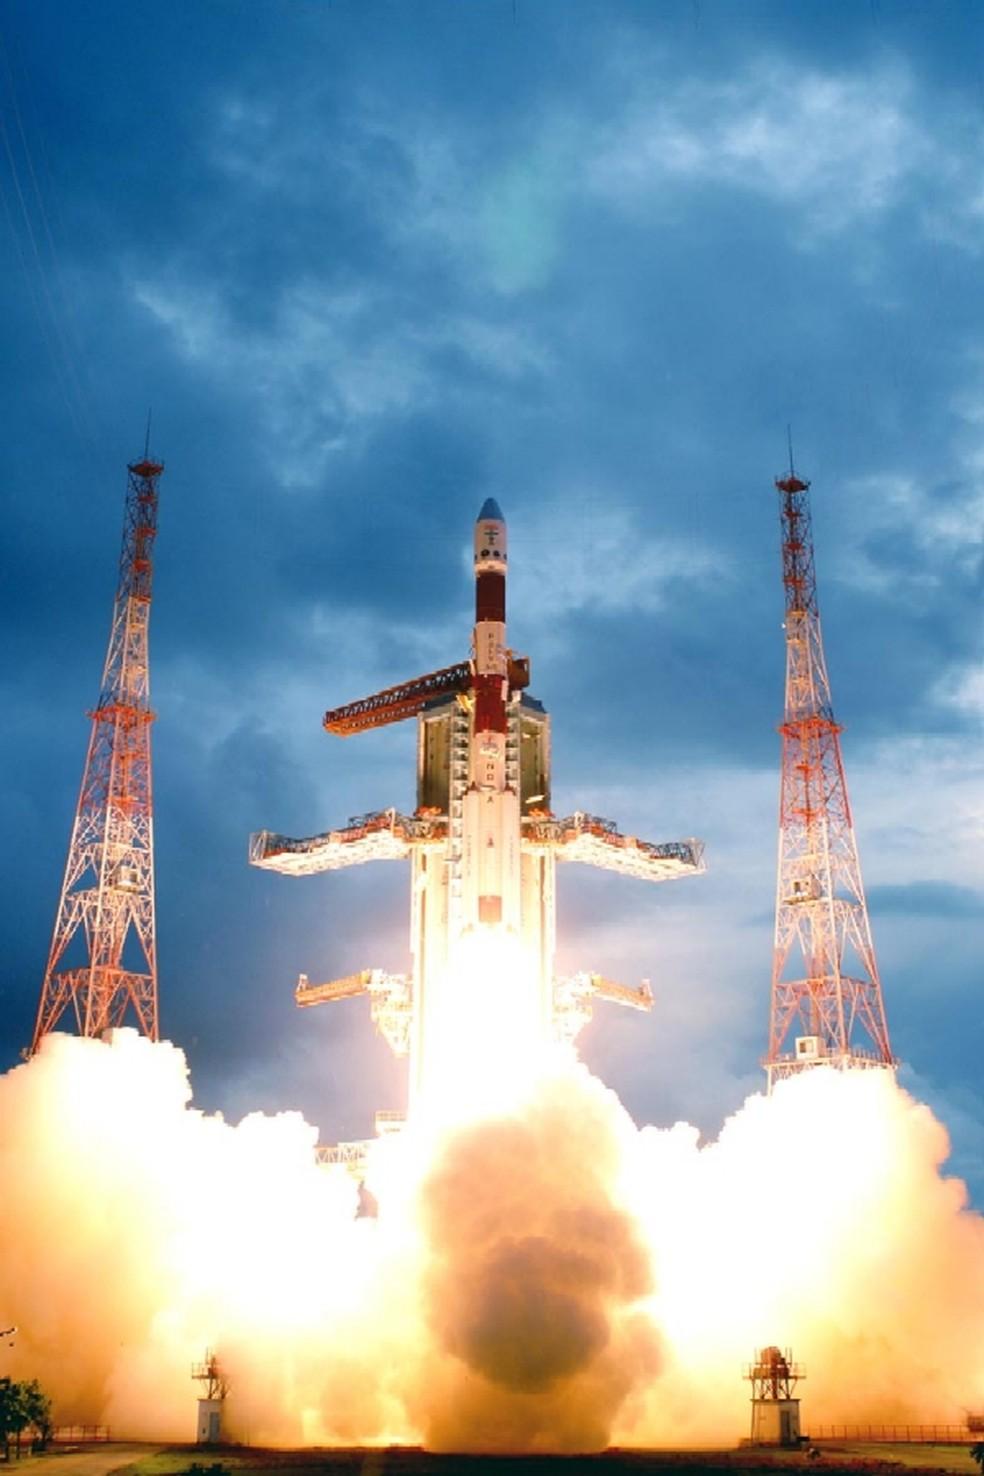 Foguete indiano que vai lançar a sonda, em 2020, o PSLV-C11, da Índia (Foto: ISRO)